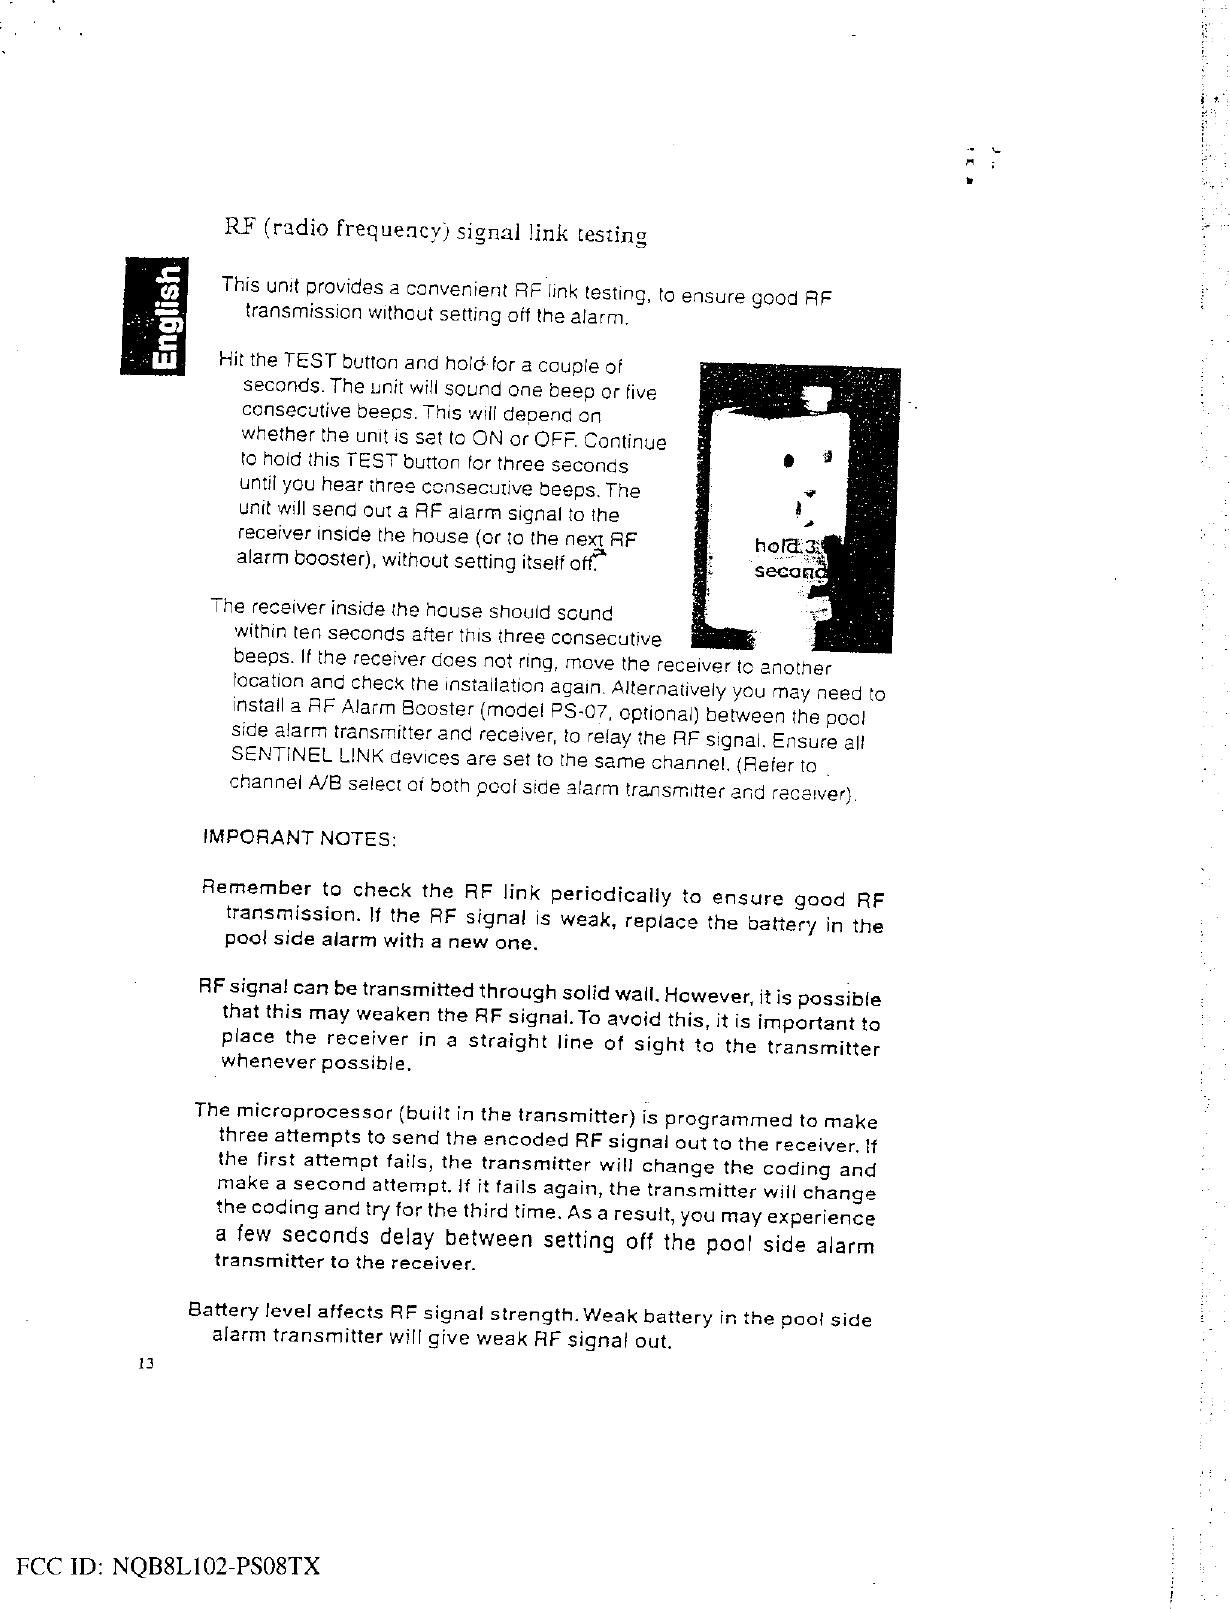 Manutec 8L102-PS08TX User Manual 8